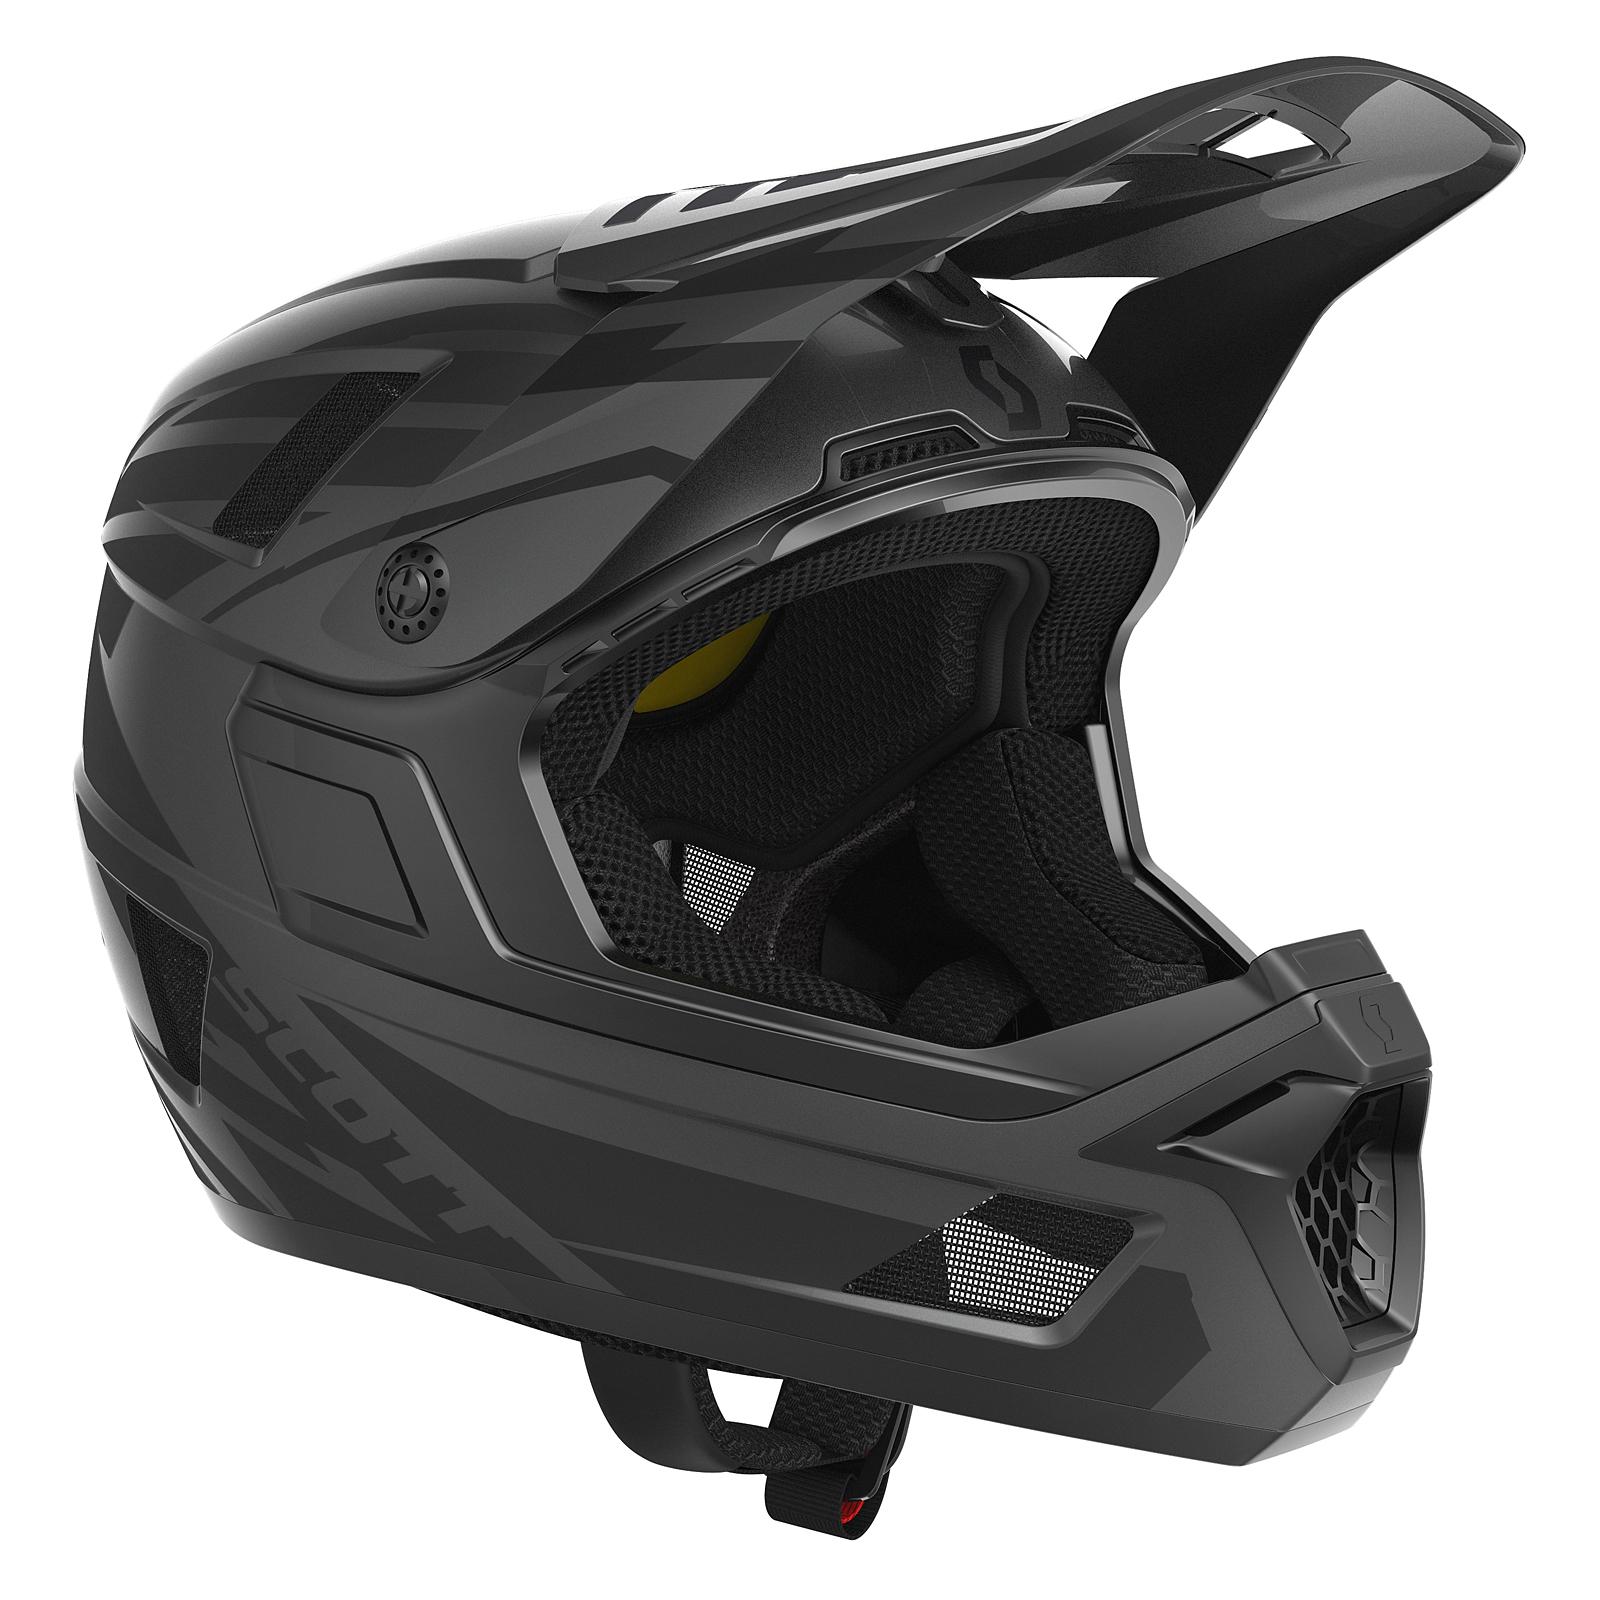 scott nero plus dh fr fahrrad helm schwarz 2019 von top. Black Bedroom Furniture Sets. Home Design Ideas